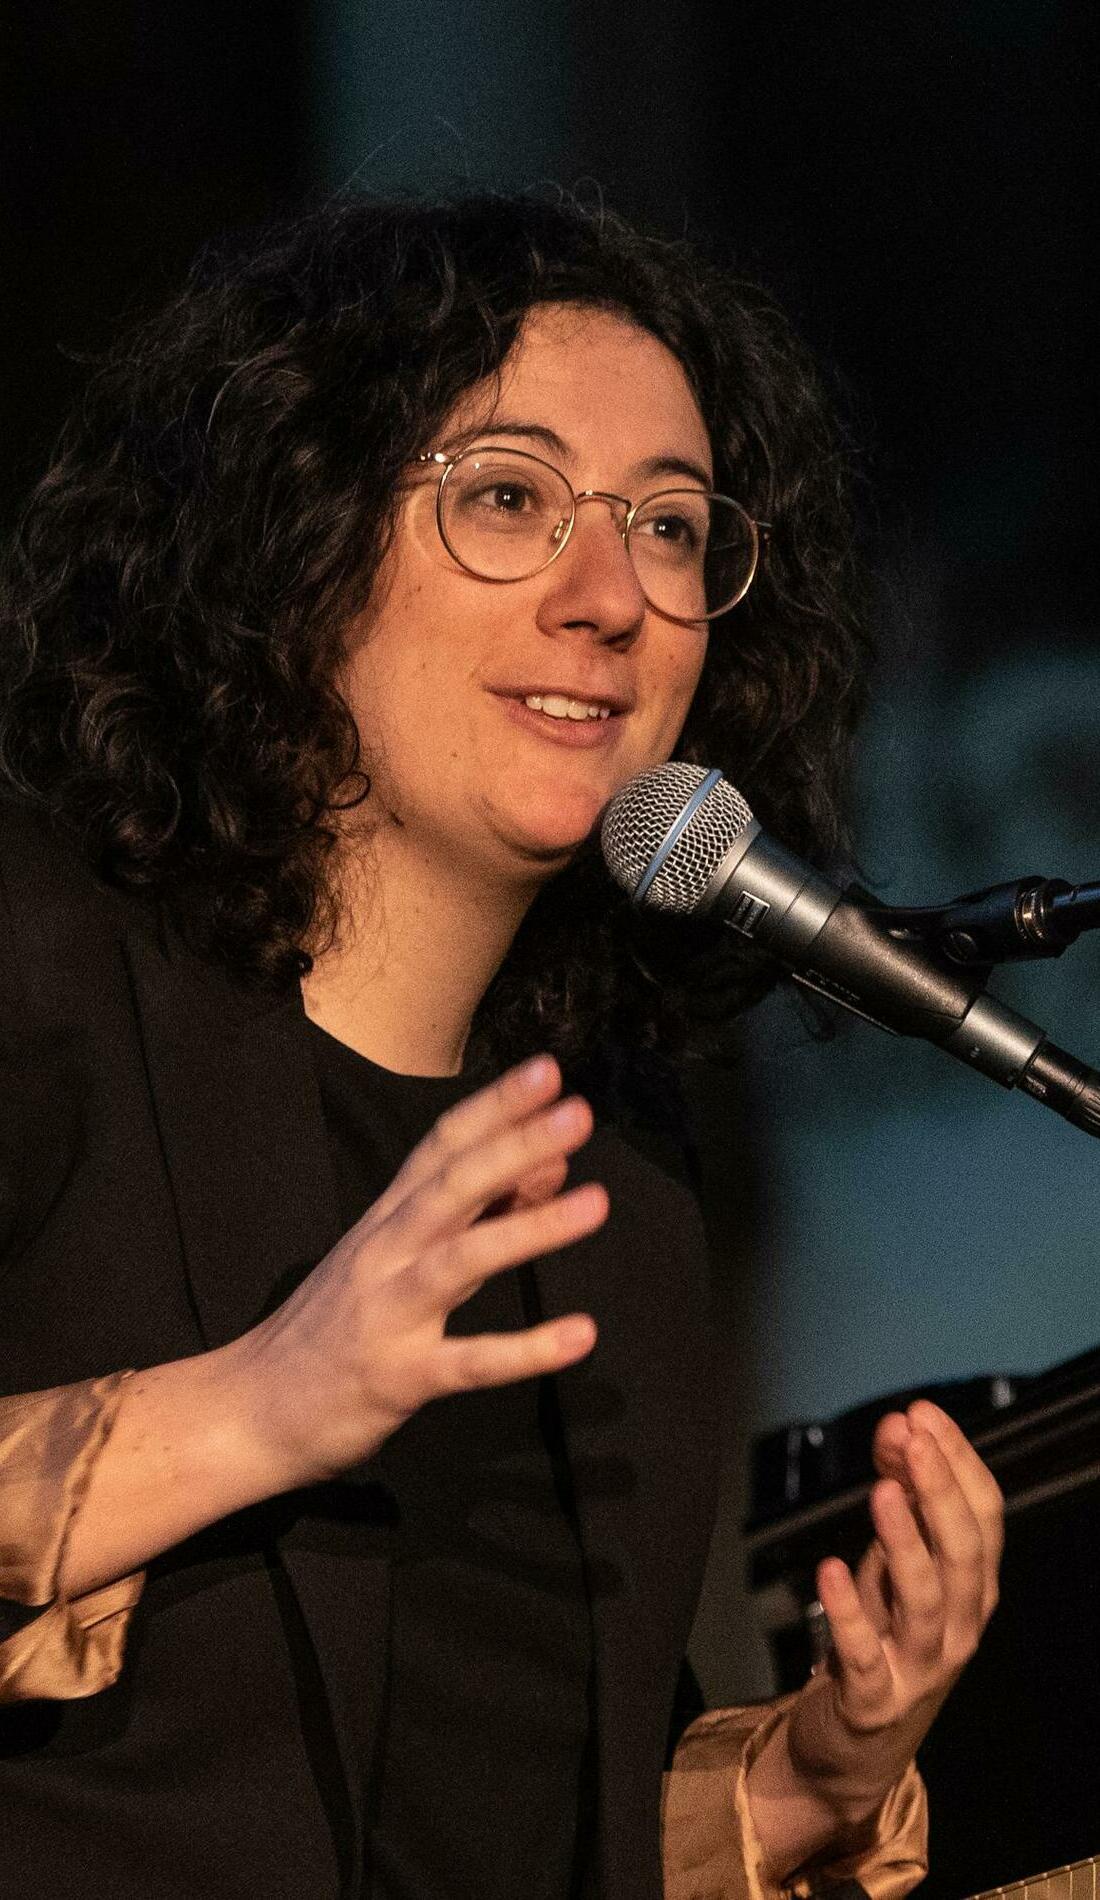 A Alexandra Streliski live event